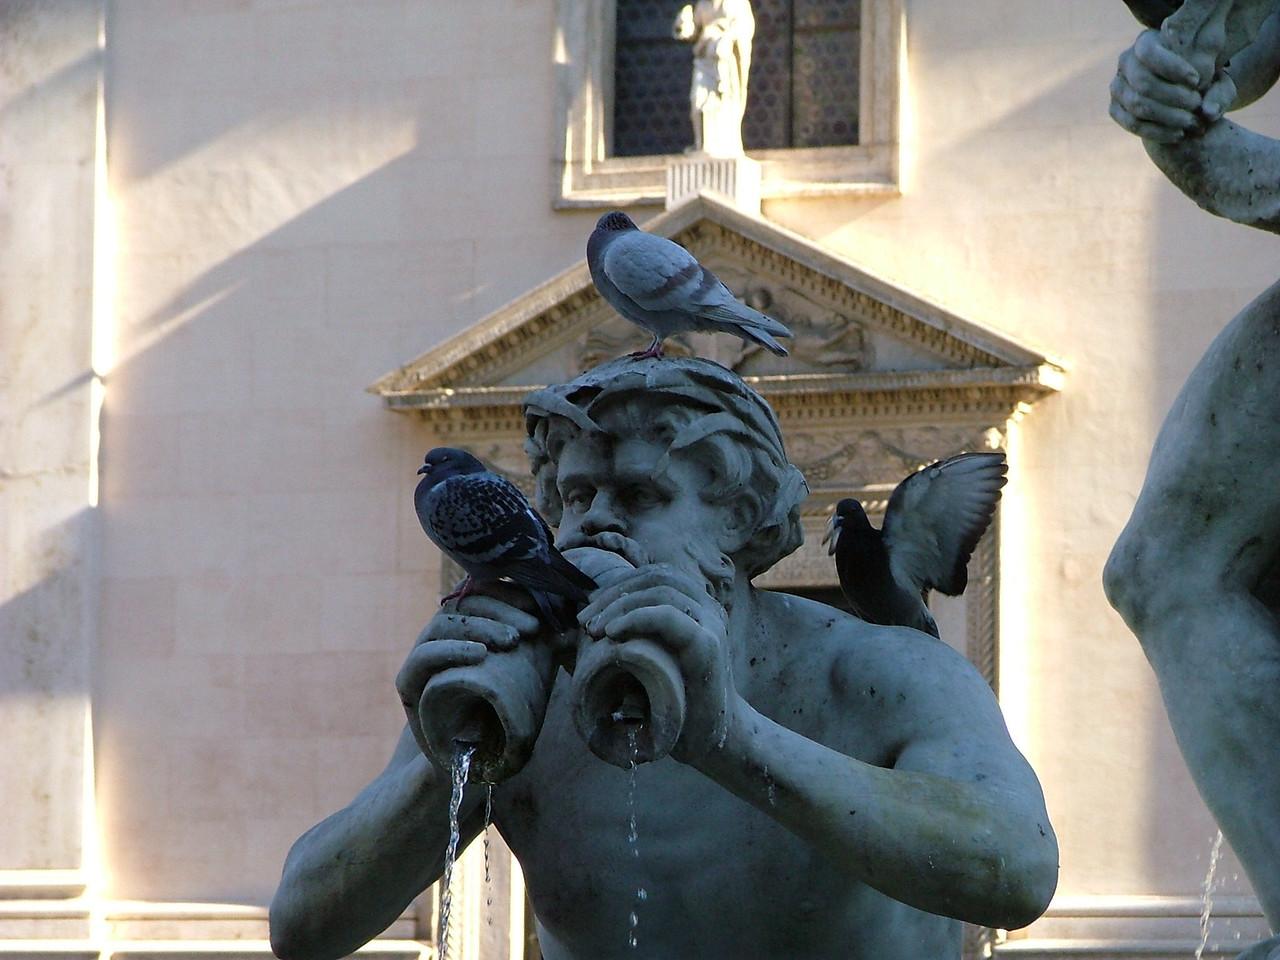 At Piazza Navona.